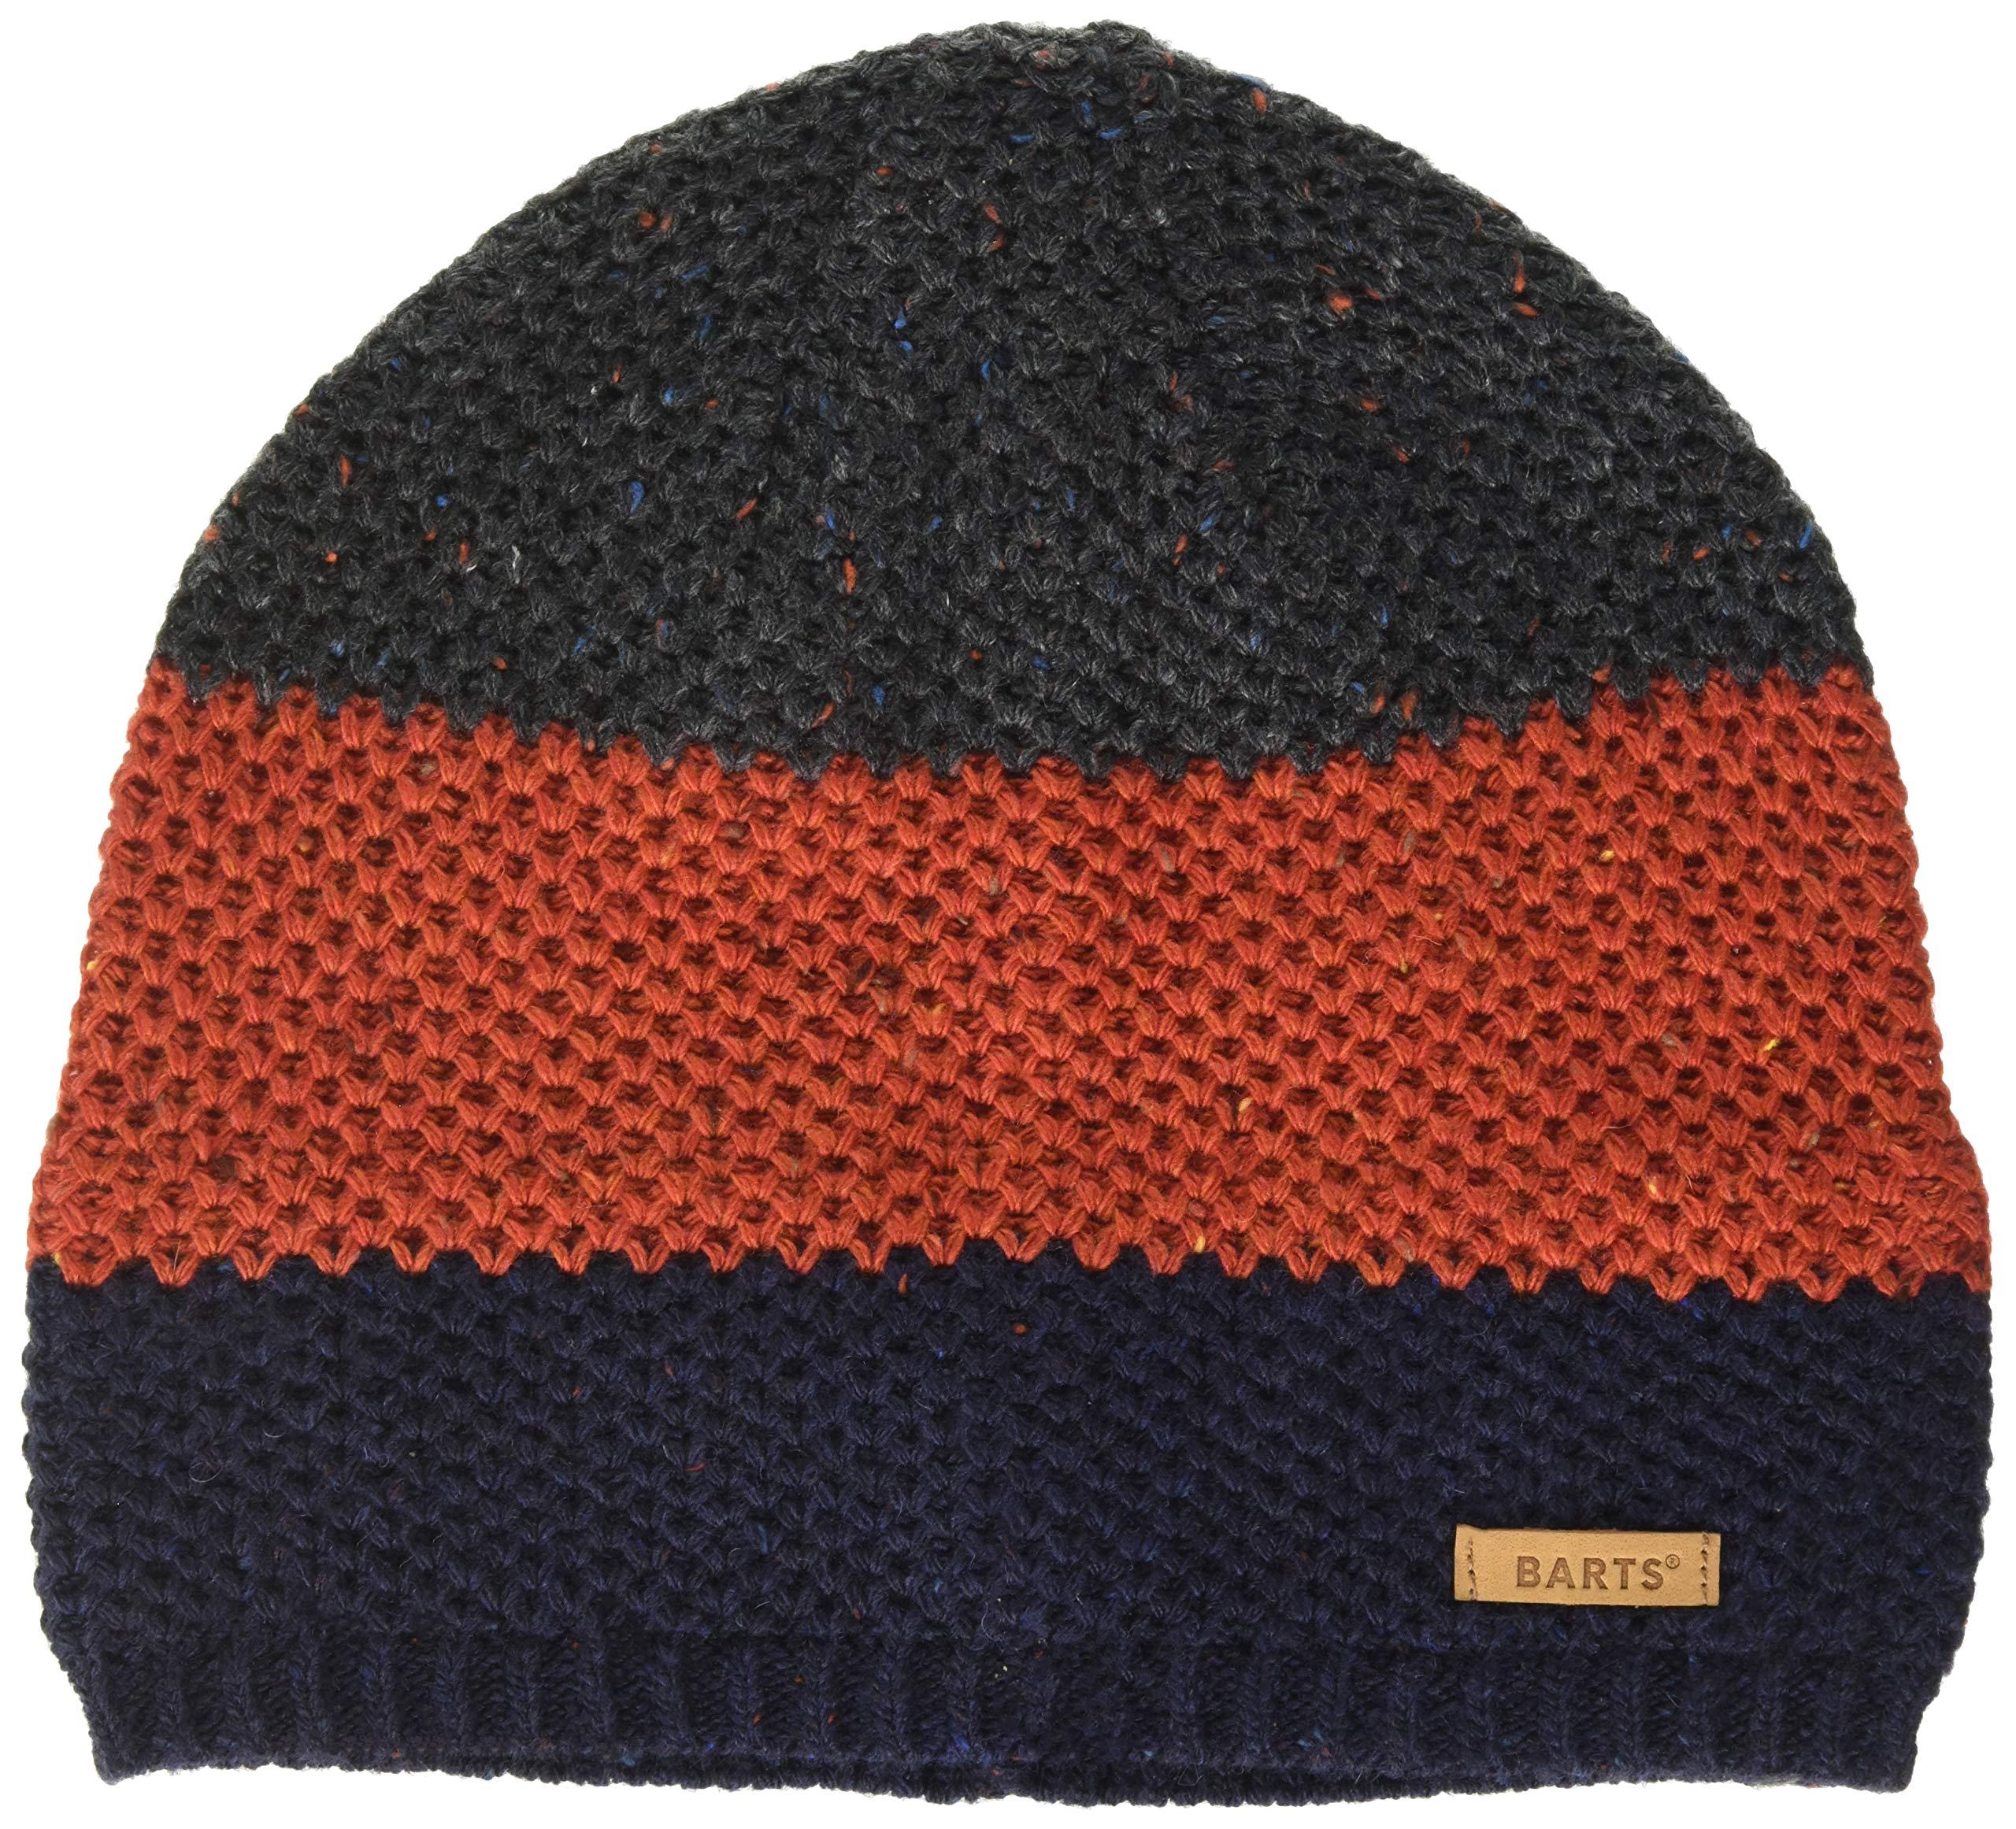 Barts Asmund Beanie, orange